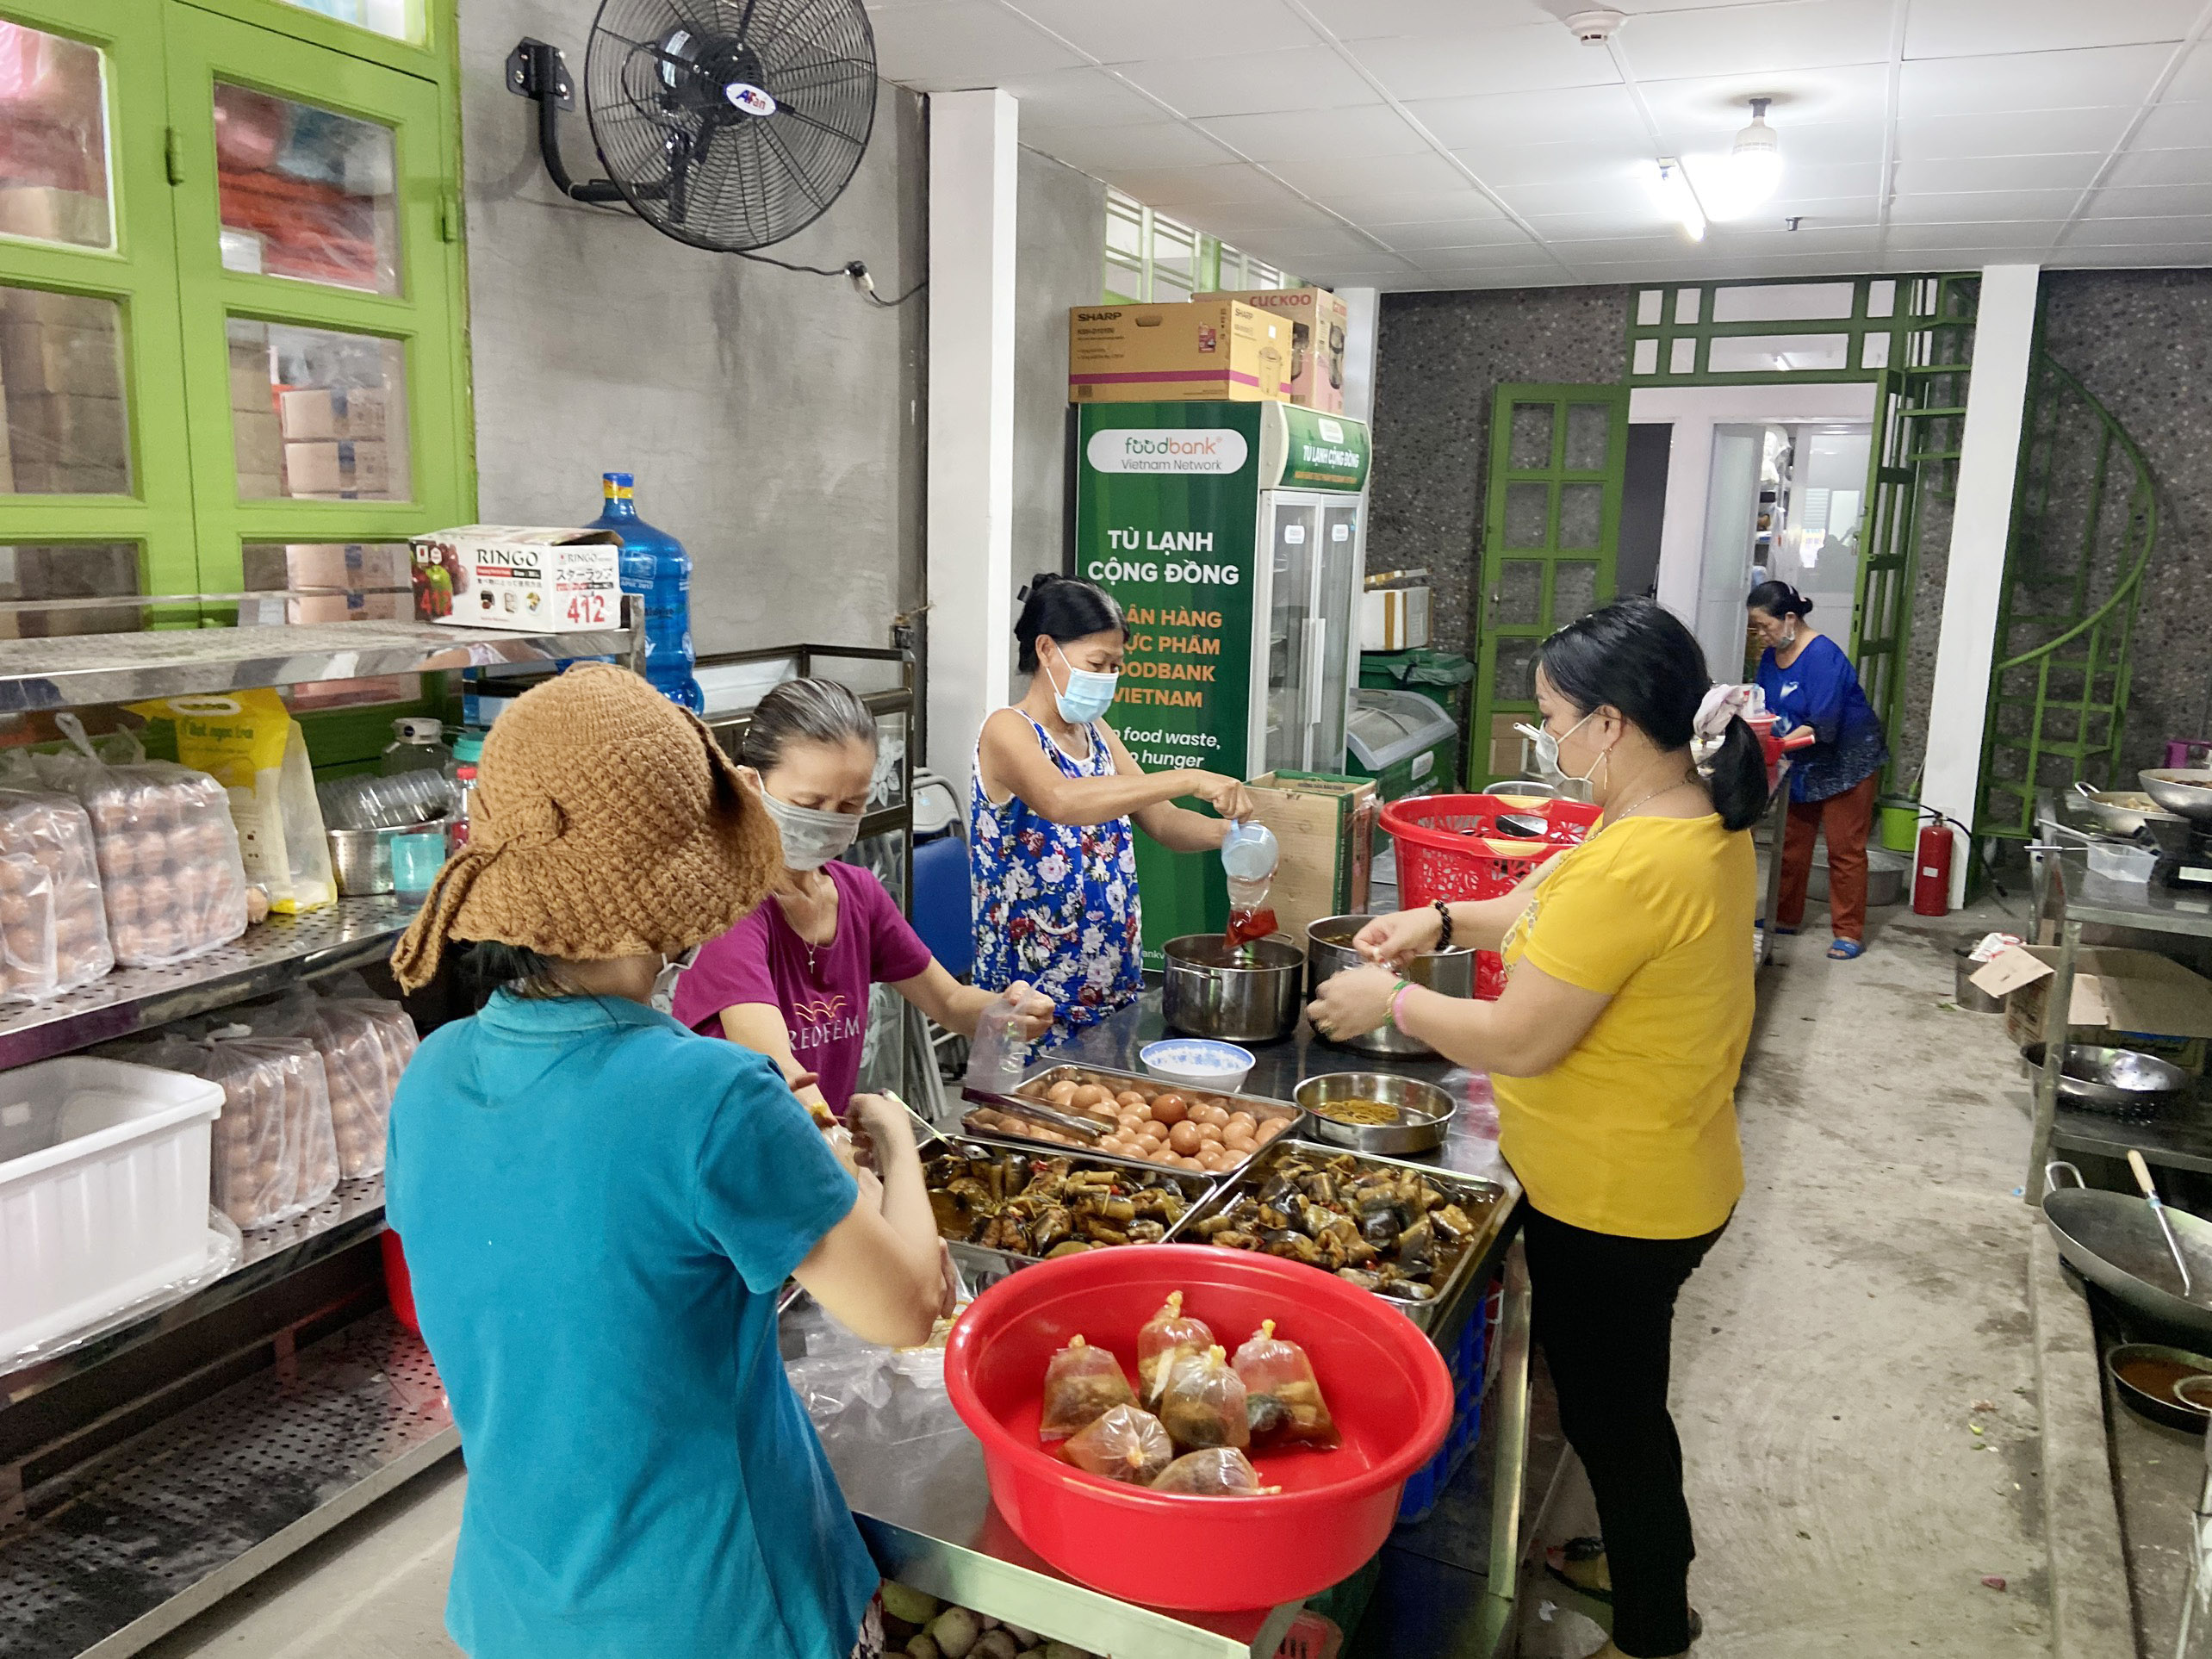 """Những """"anh chàng shipper"""" đi khắp Sài Gòn để phát 1.500 suất ăn miễn phí cho người nghèo - 2"""